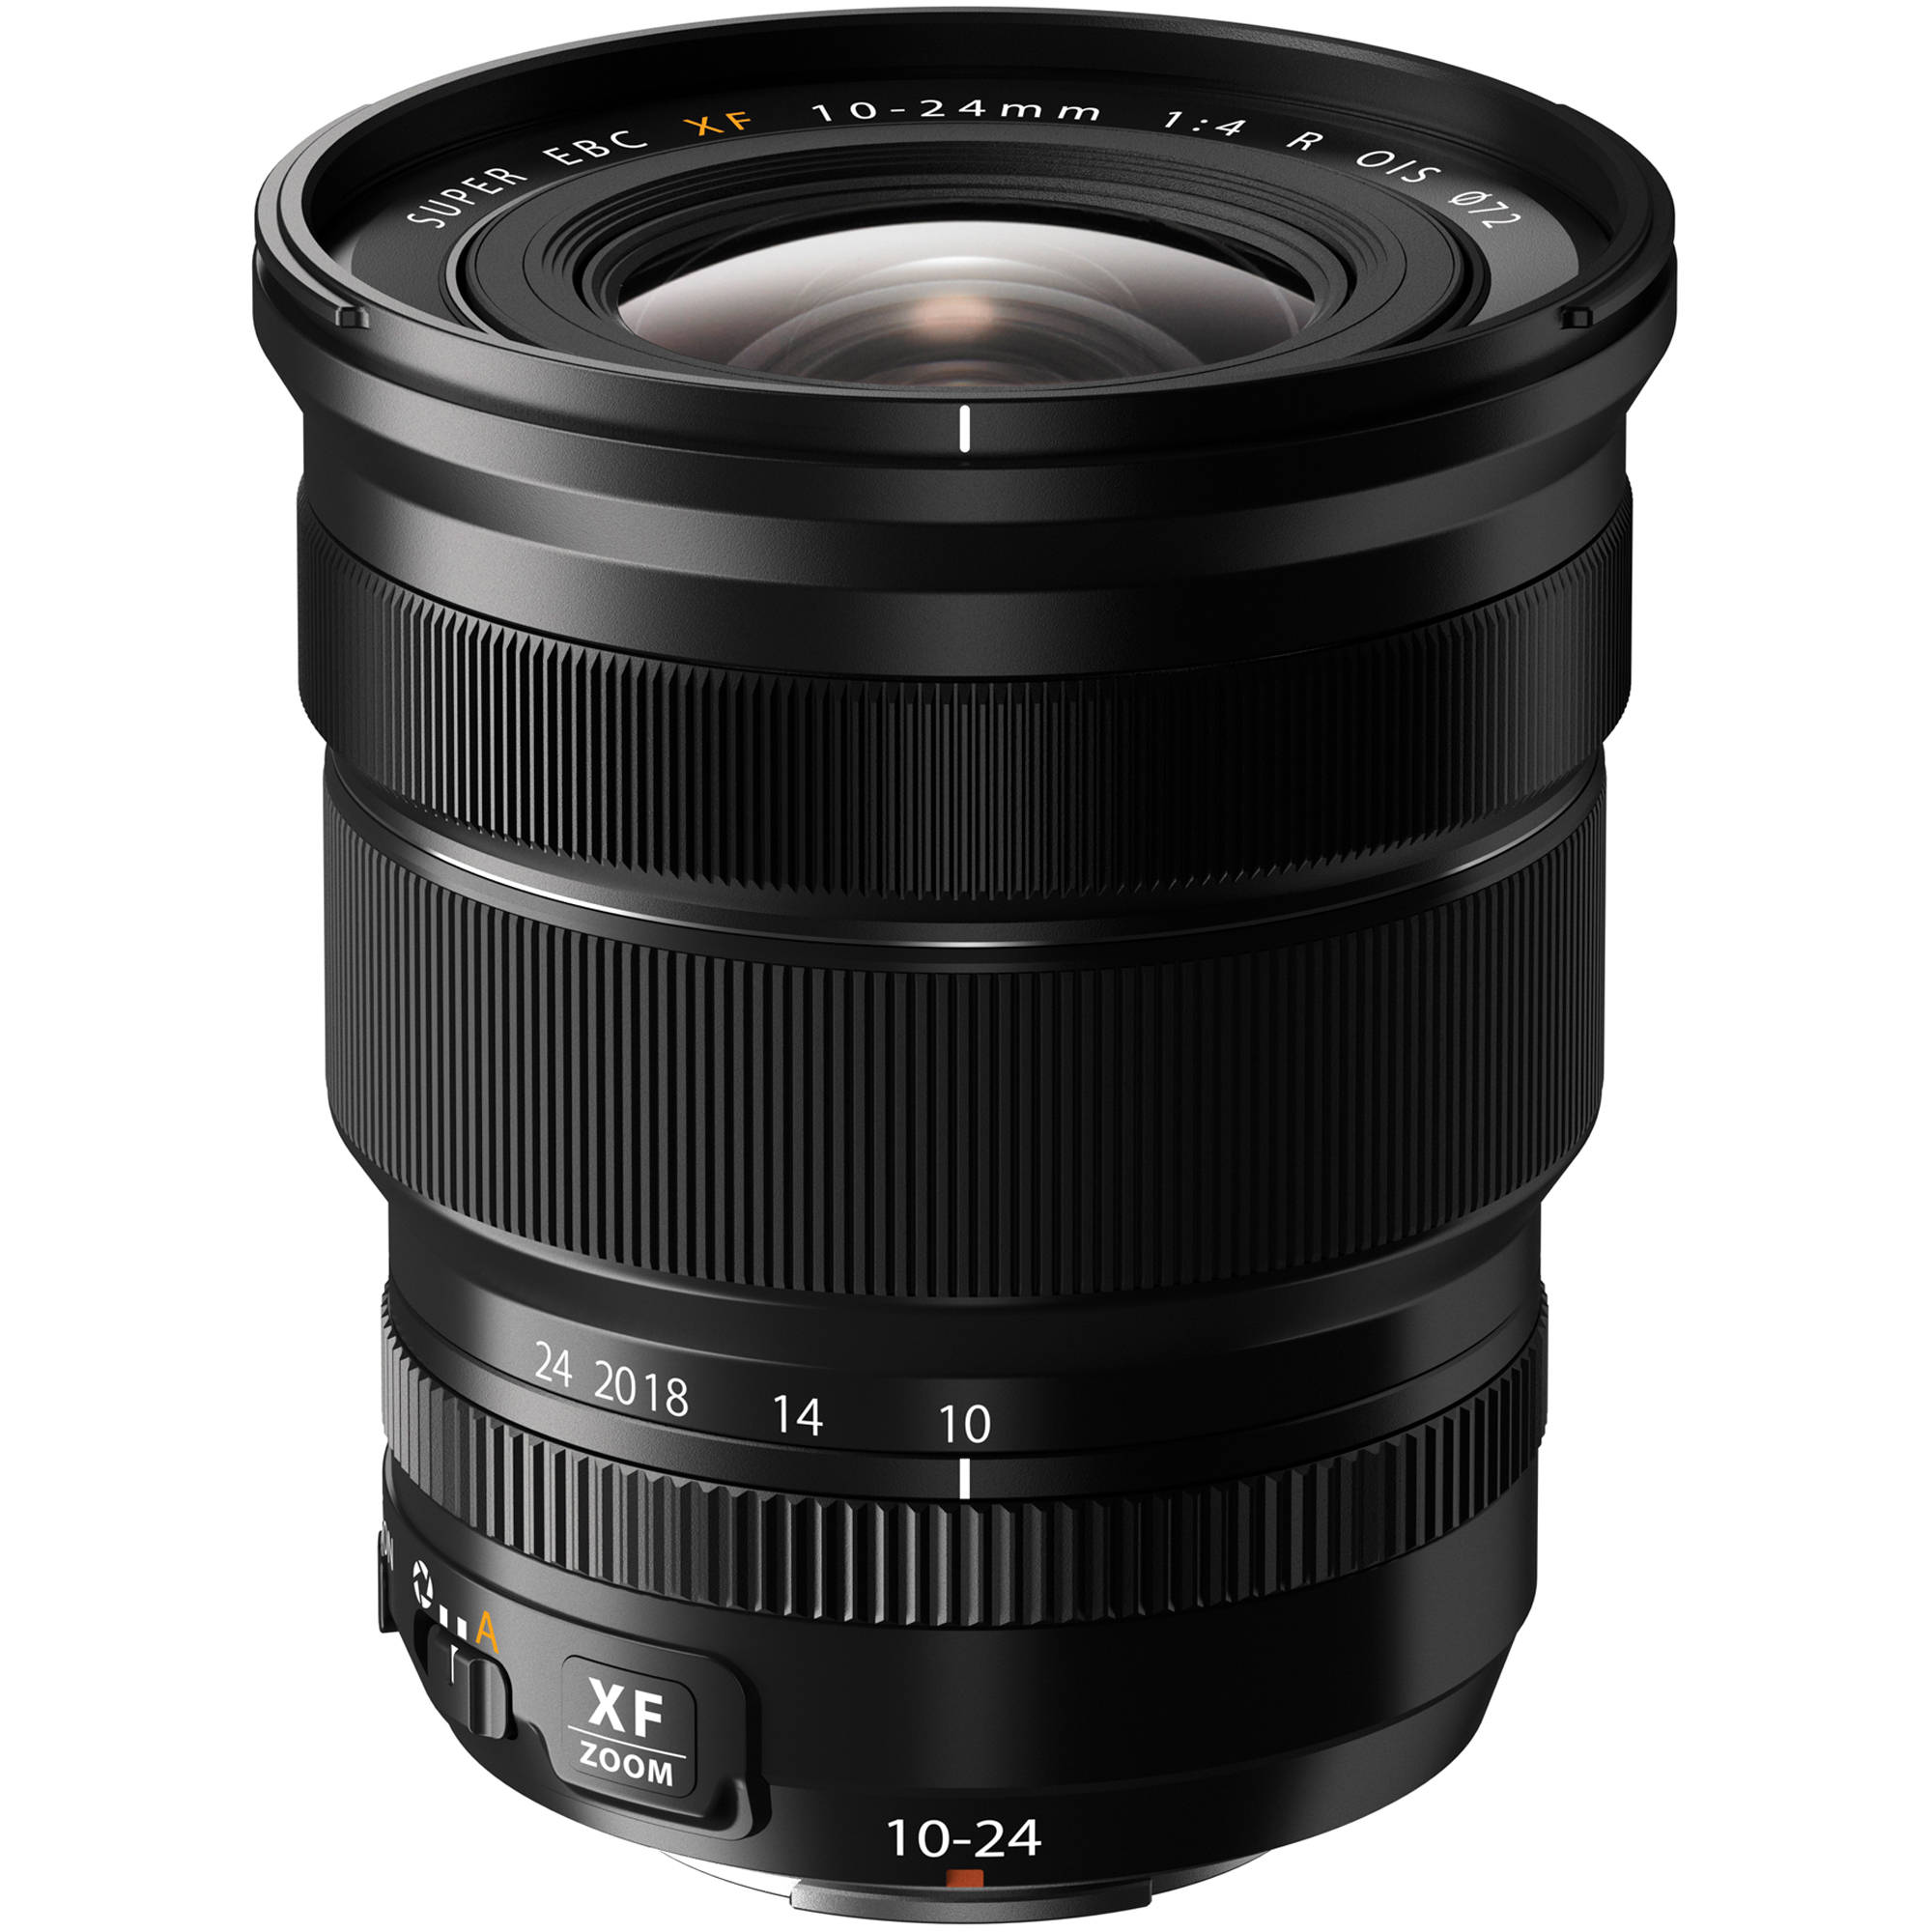 Compare FUJIFILM XF 10-24mm f 4 R OIS Lens vs Rokinon 12mm f